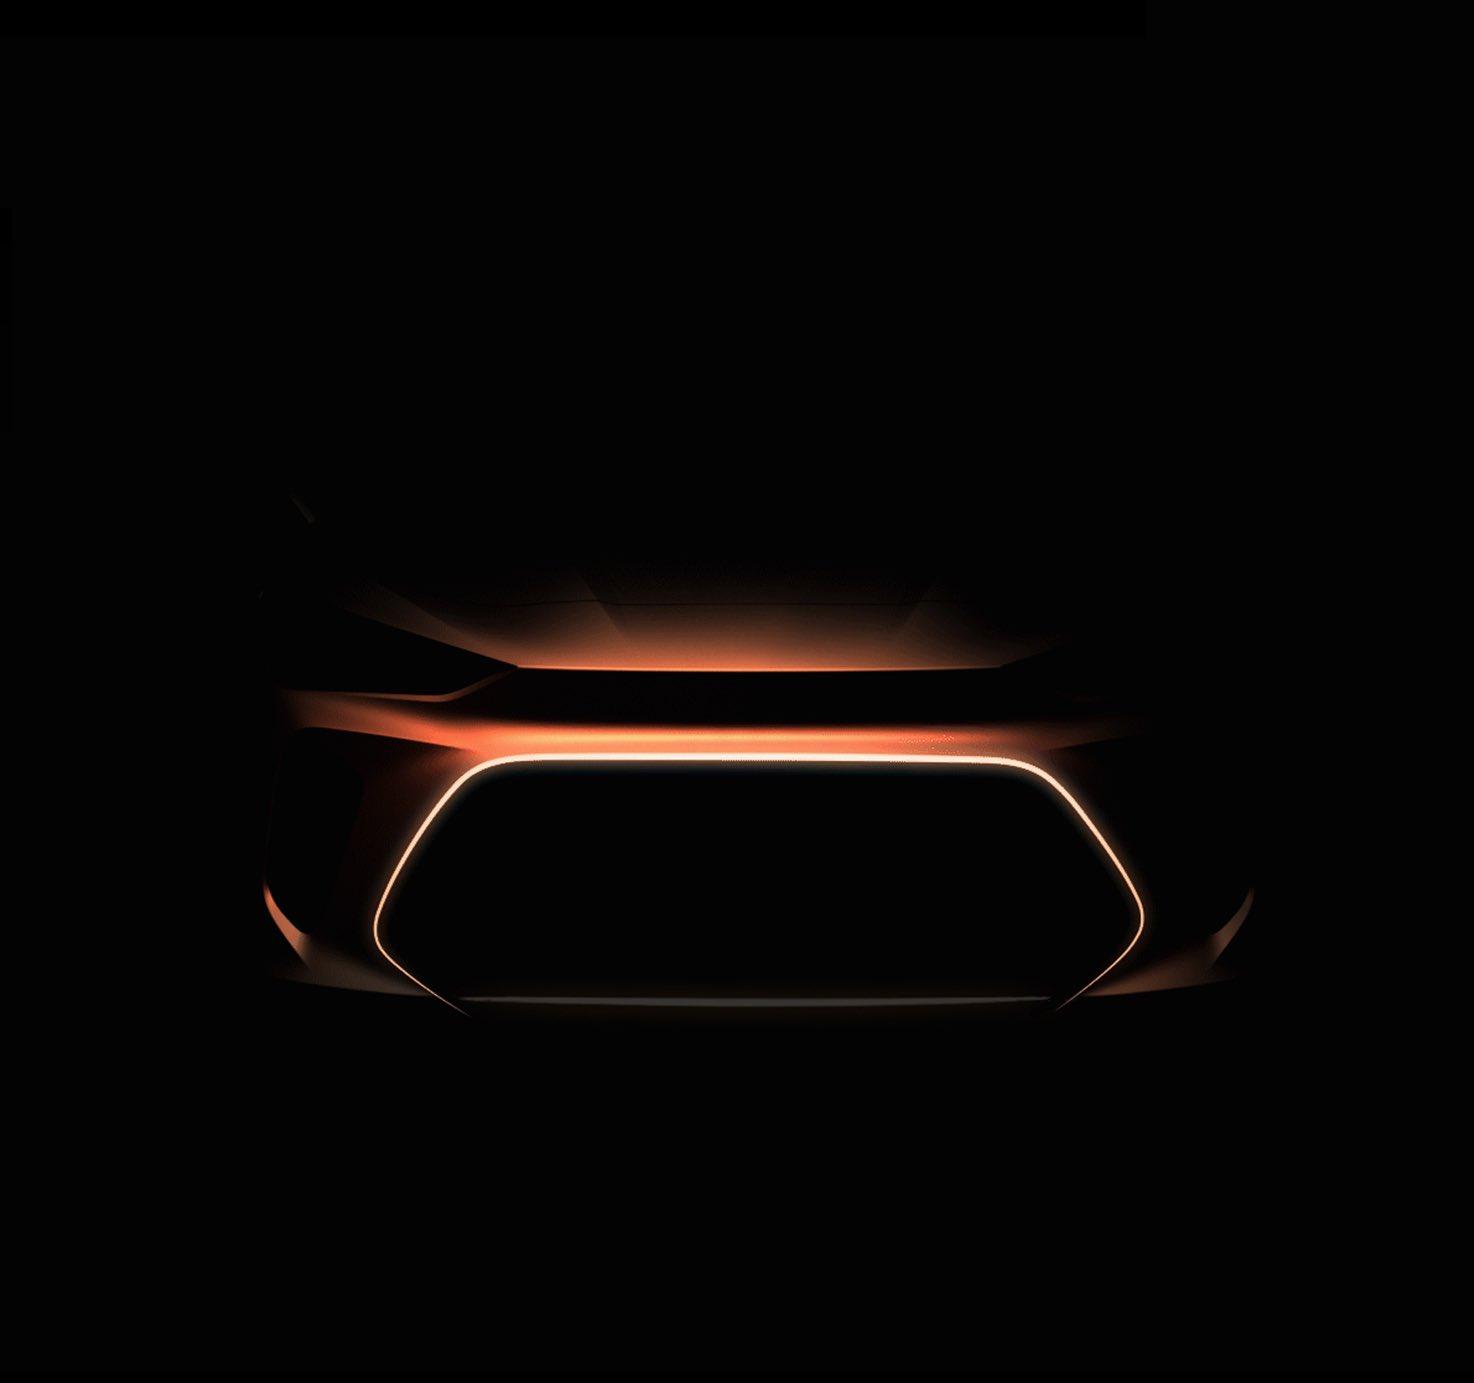 Volkswagen Project Trinity : voici de nouvelles images du concept de voiture électrique